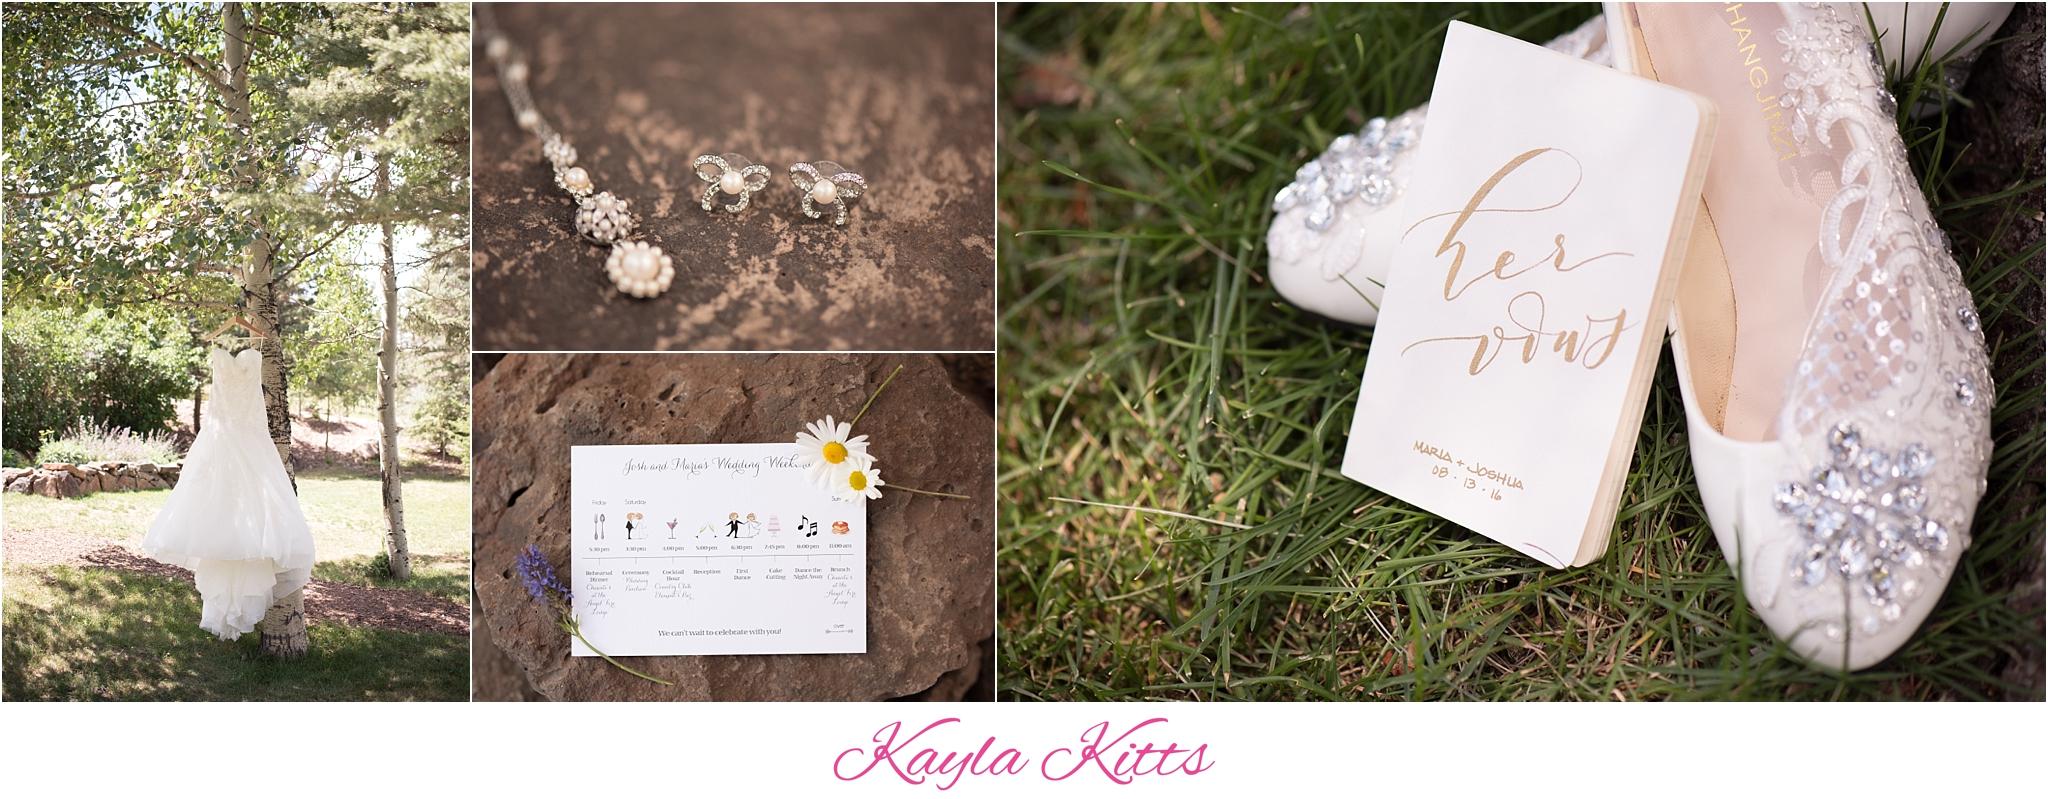 kayla kitts photography - albuquerque wedding photographer - angel fire wedding photographer - angel fire country club - albuquerque venue - casa de suenos - hotel albuquerque wedding - new mexico wedding photographer_0002.jpg